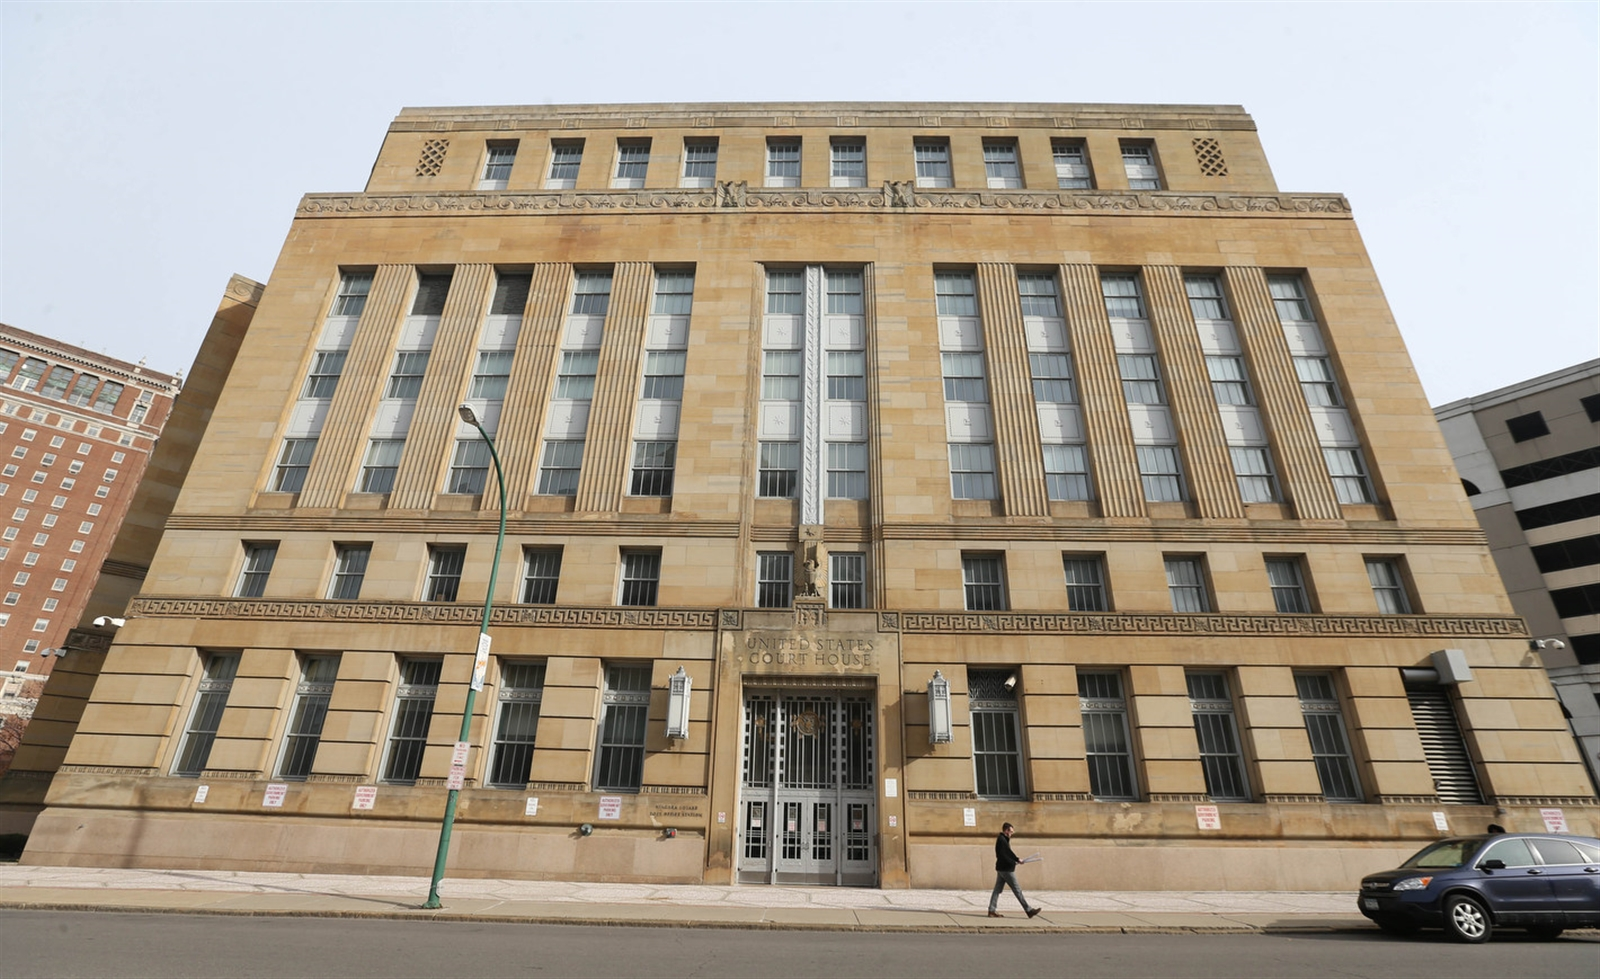 The Dillon Courthouse as seen from Niagara Street. (Sharon Cantillon/Buffalo News)